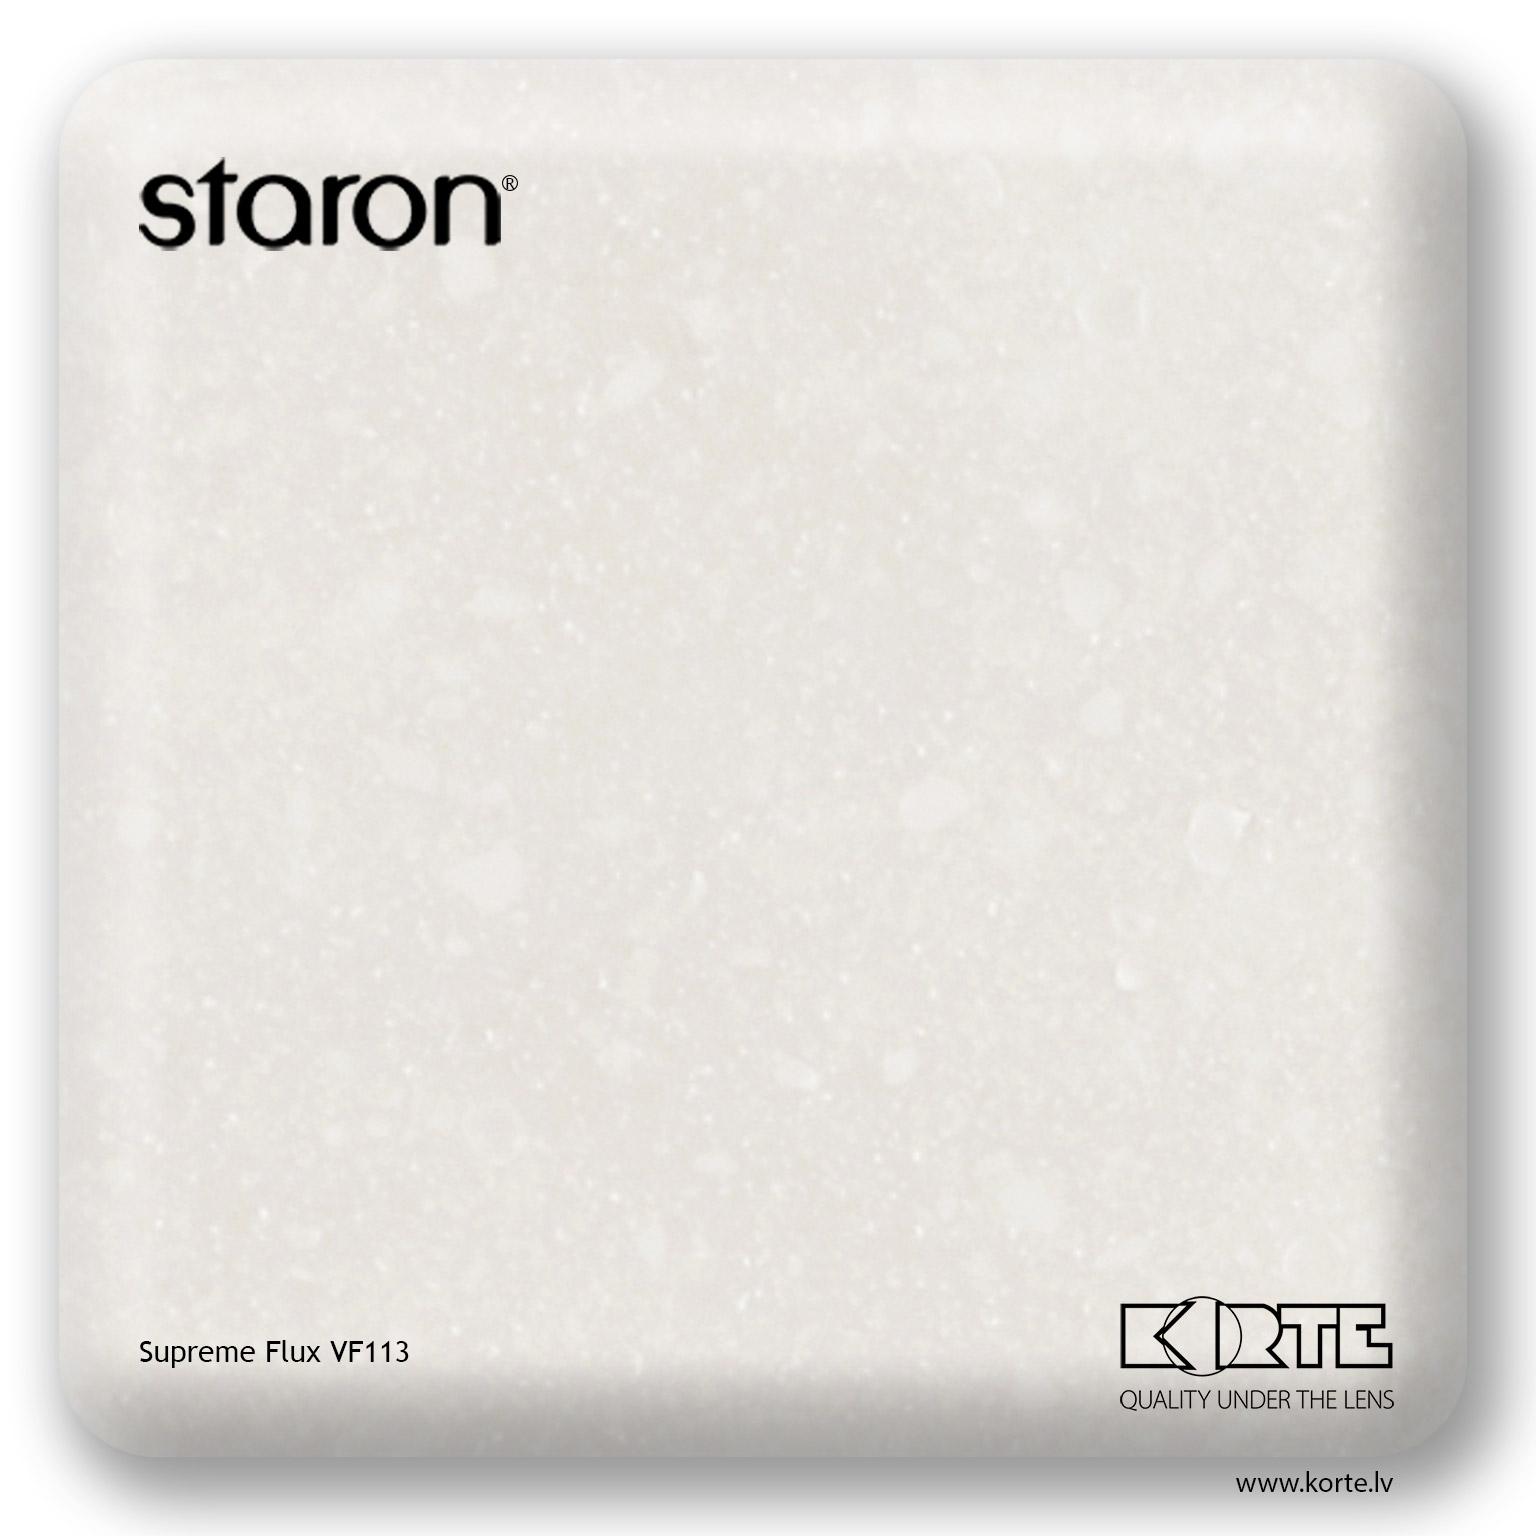 Staron Supreme Flux VF113